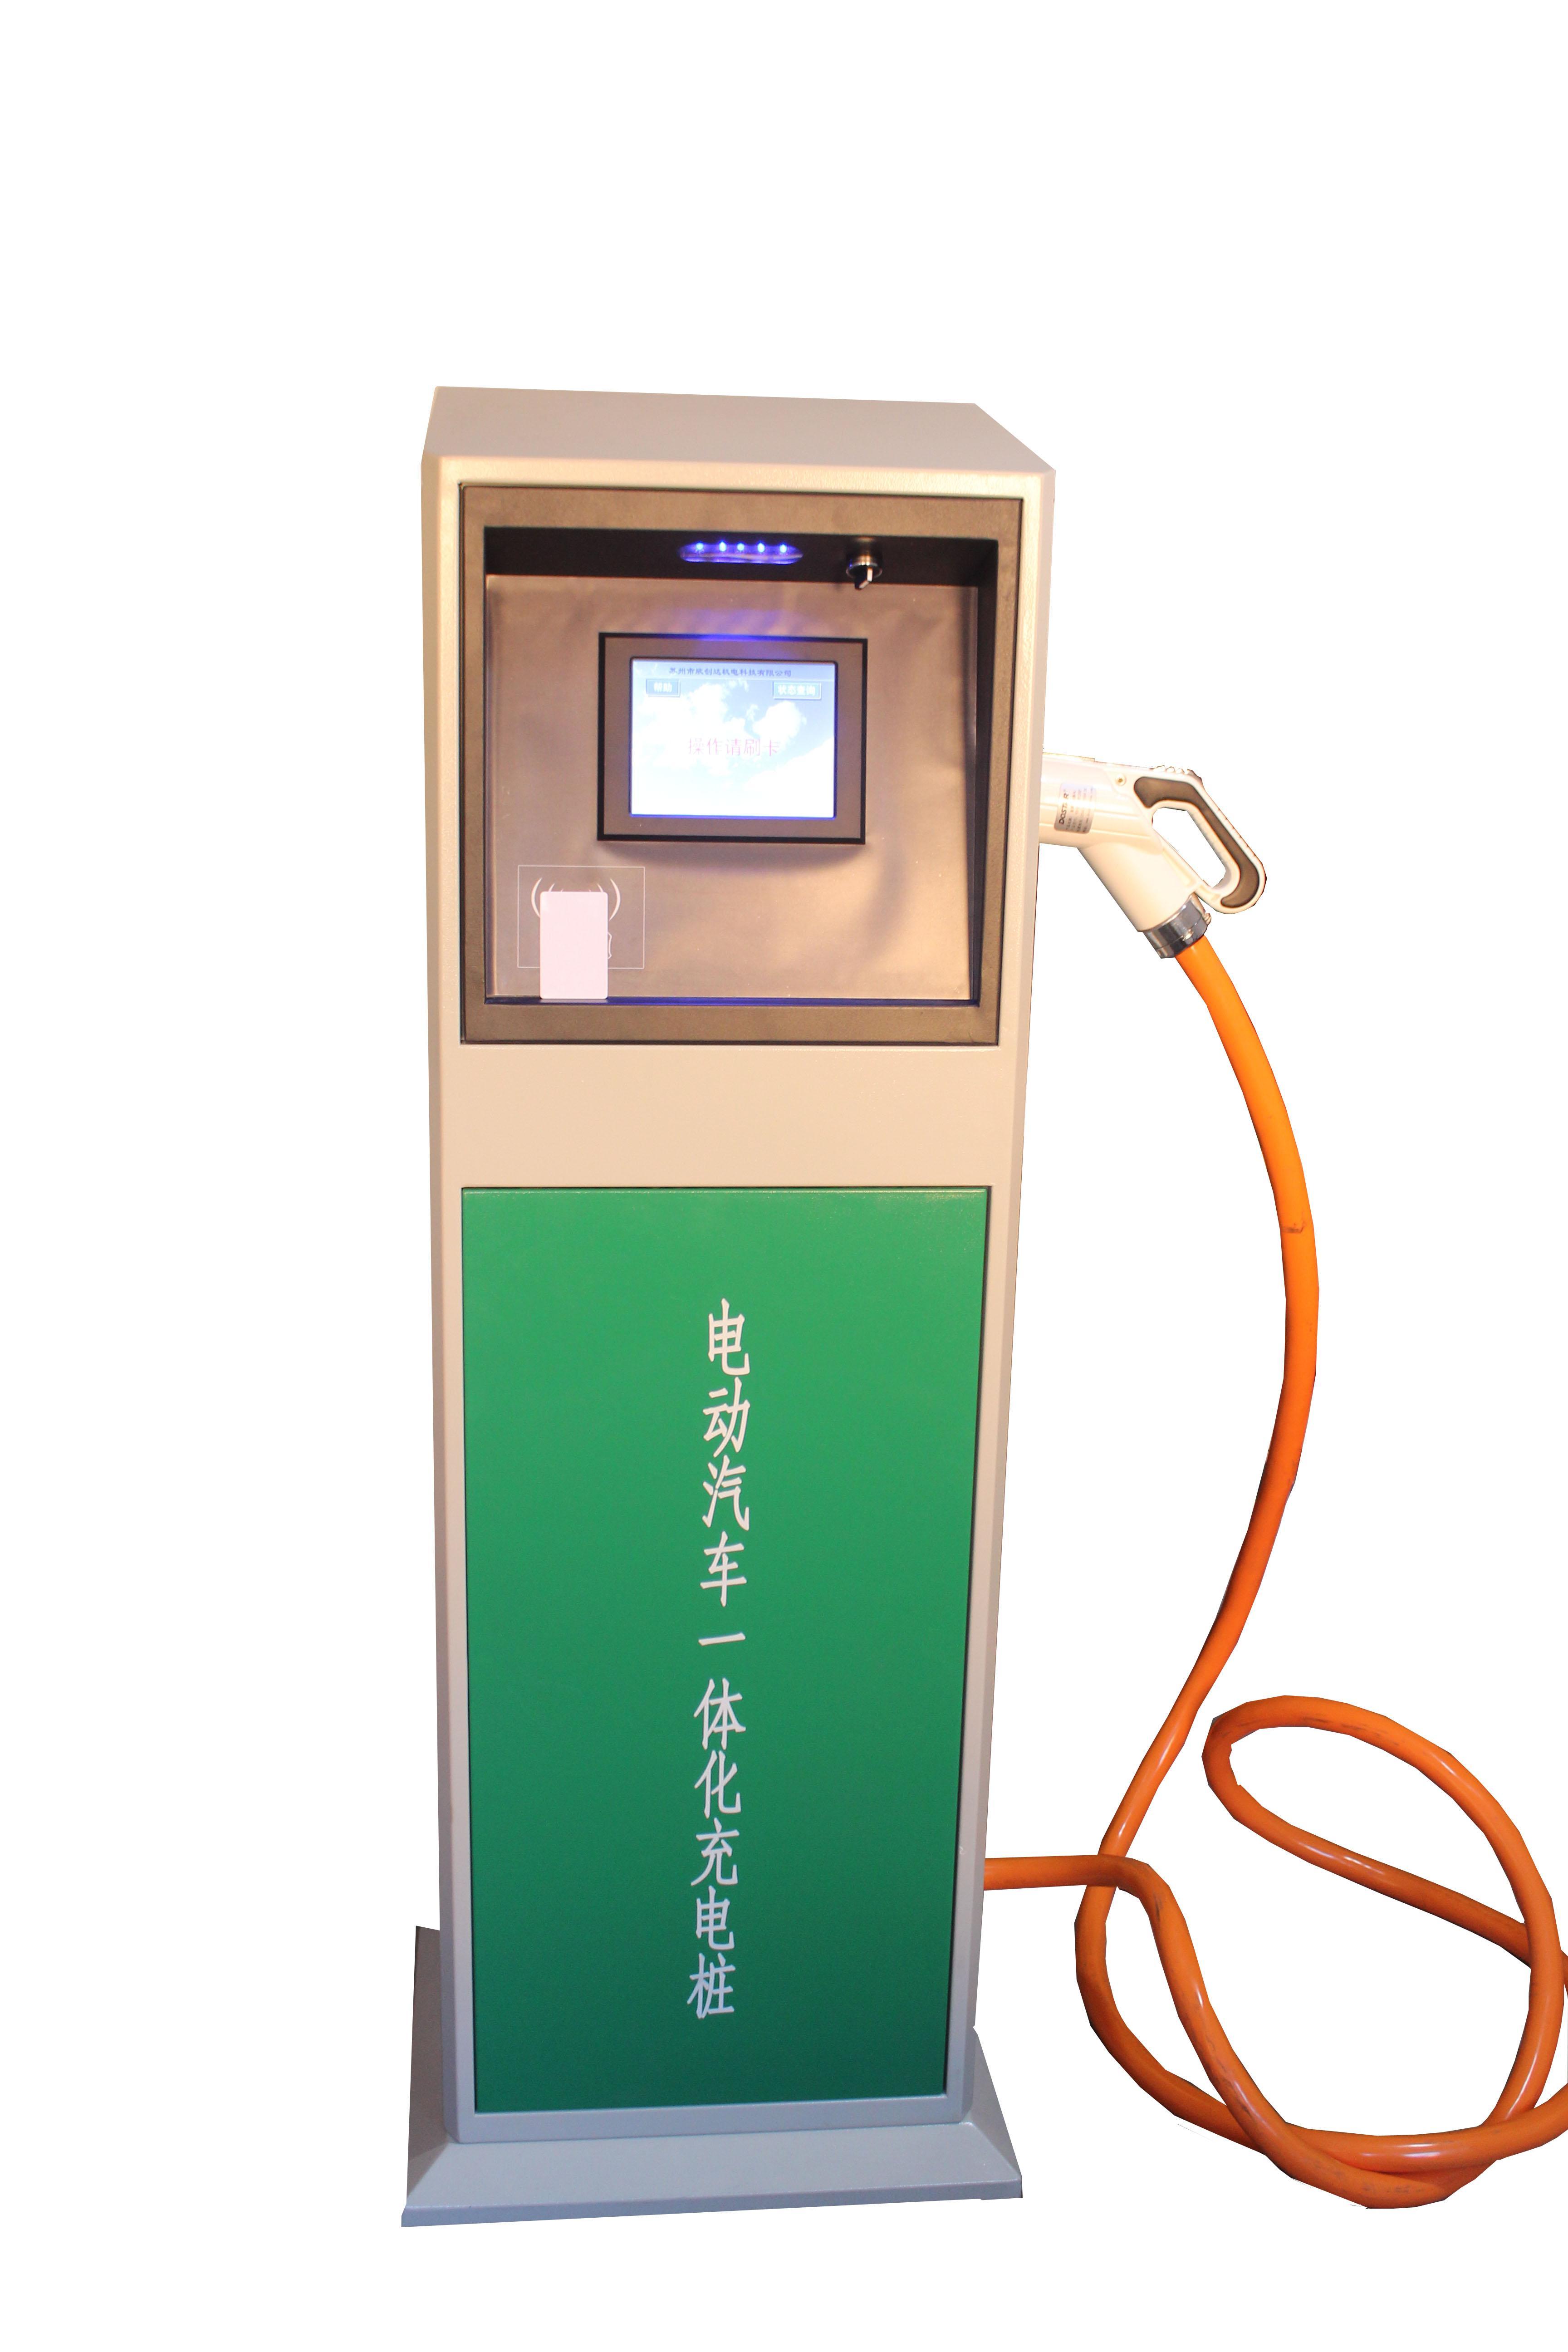 电动汽车智能交流充电桩(7kw)企业标准图片